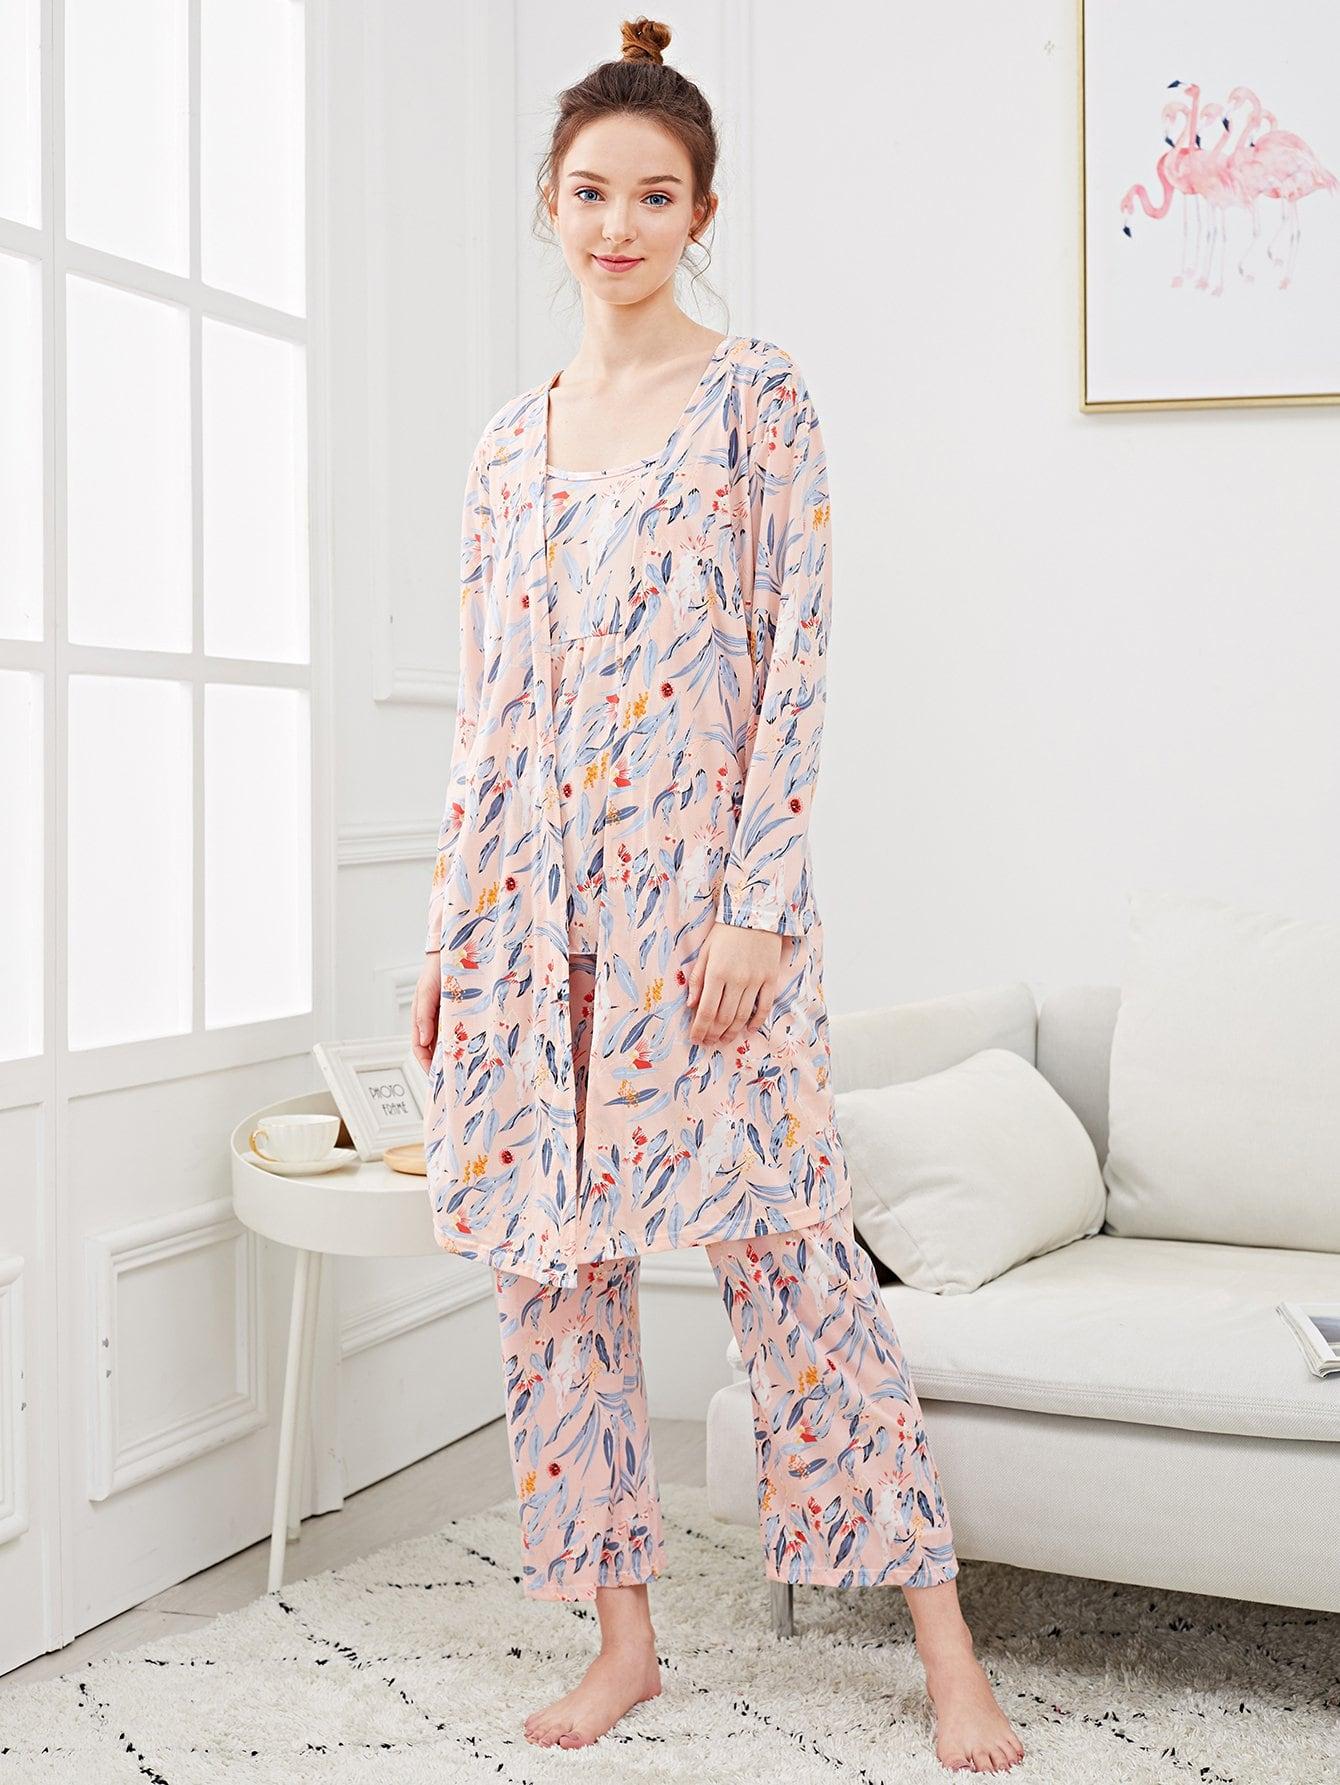 Купить Комплект пижамы на бретелях и с рисунком попутая и домашний халат, Tory, SheIn